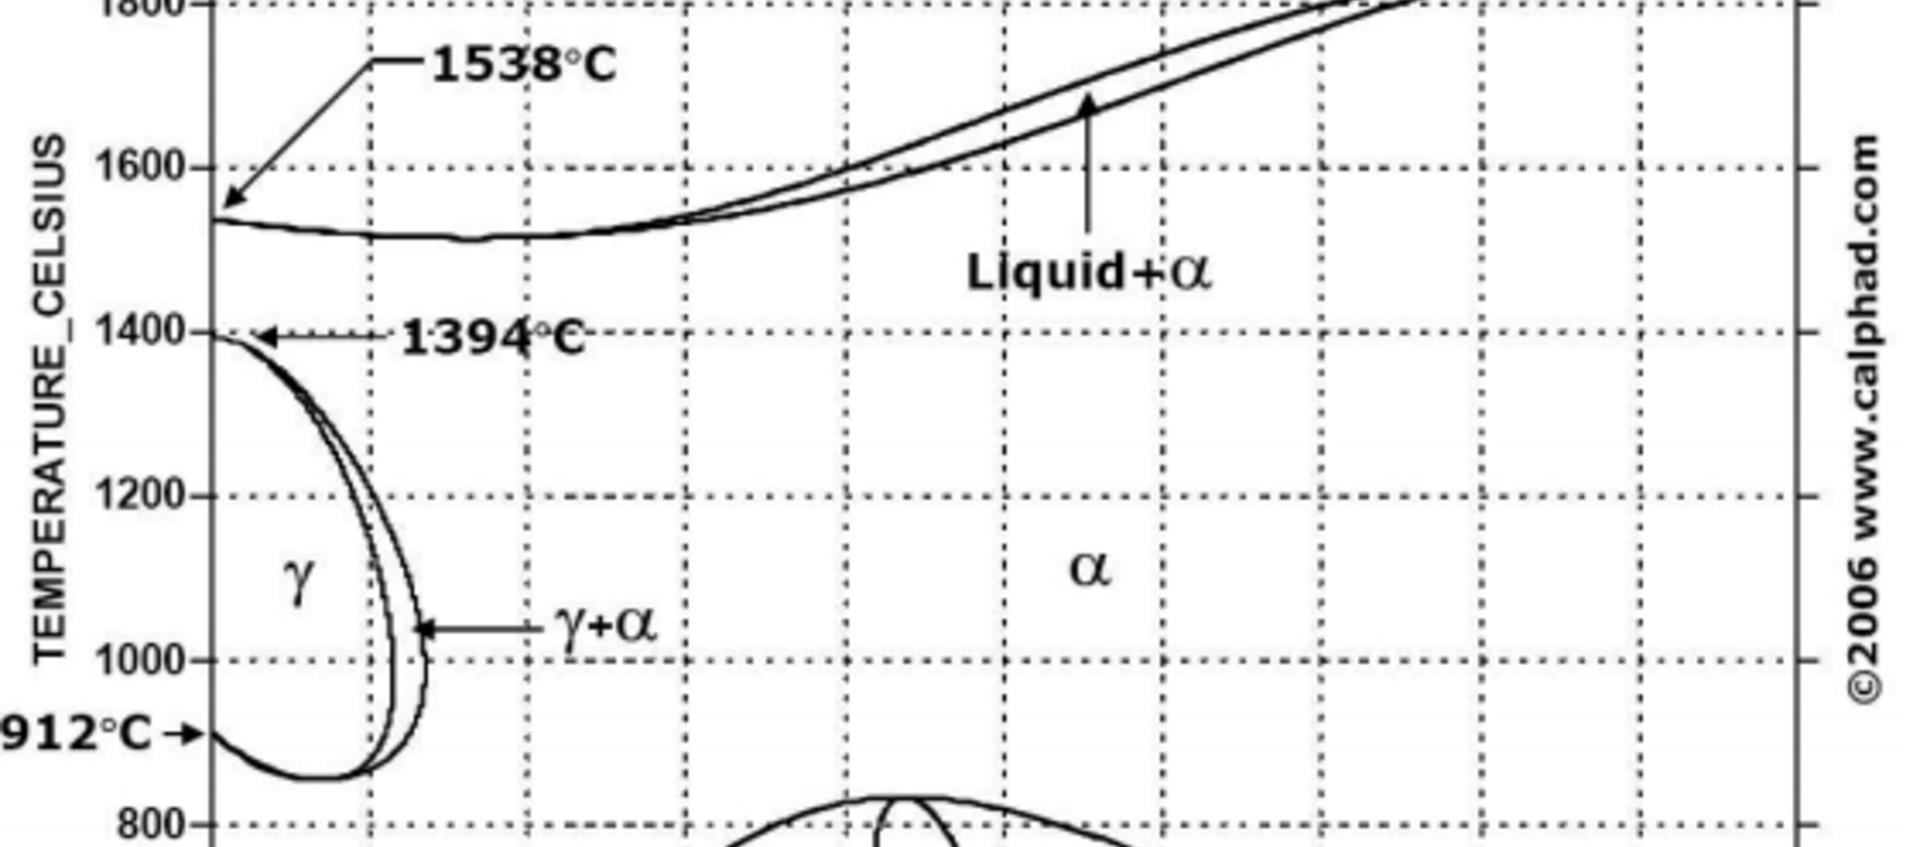 Materialen en hun lasbaarheid groep 7.1 volgens ISO/TR 15608